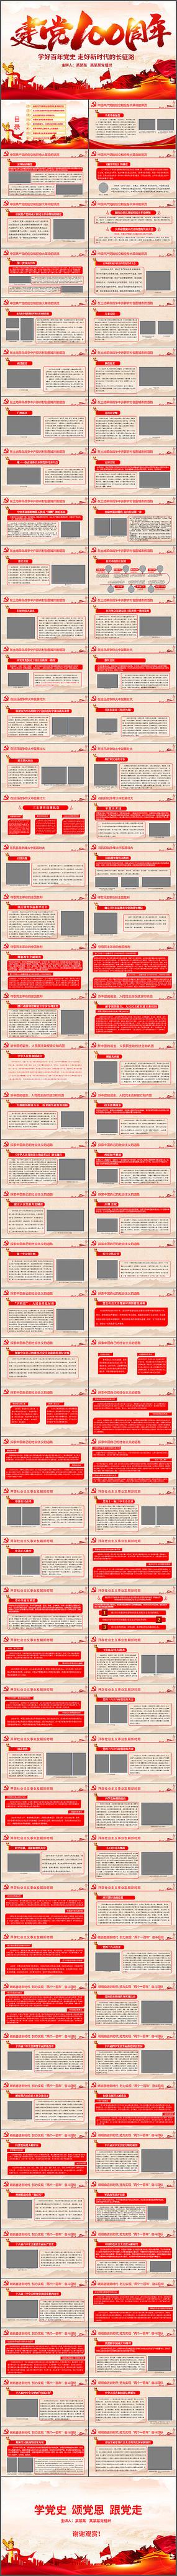 中国共产党的光辉历程PPT